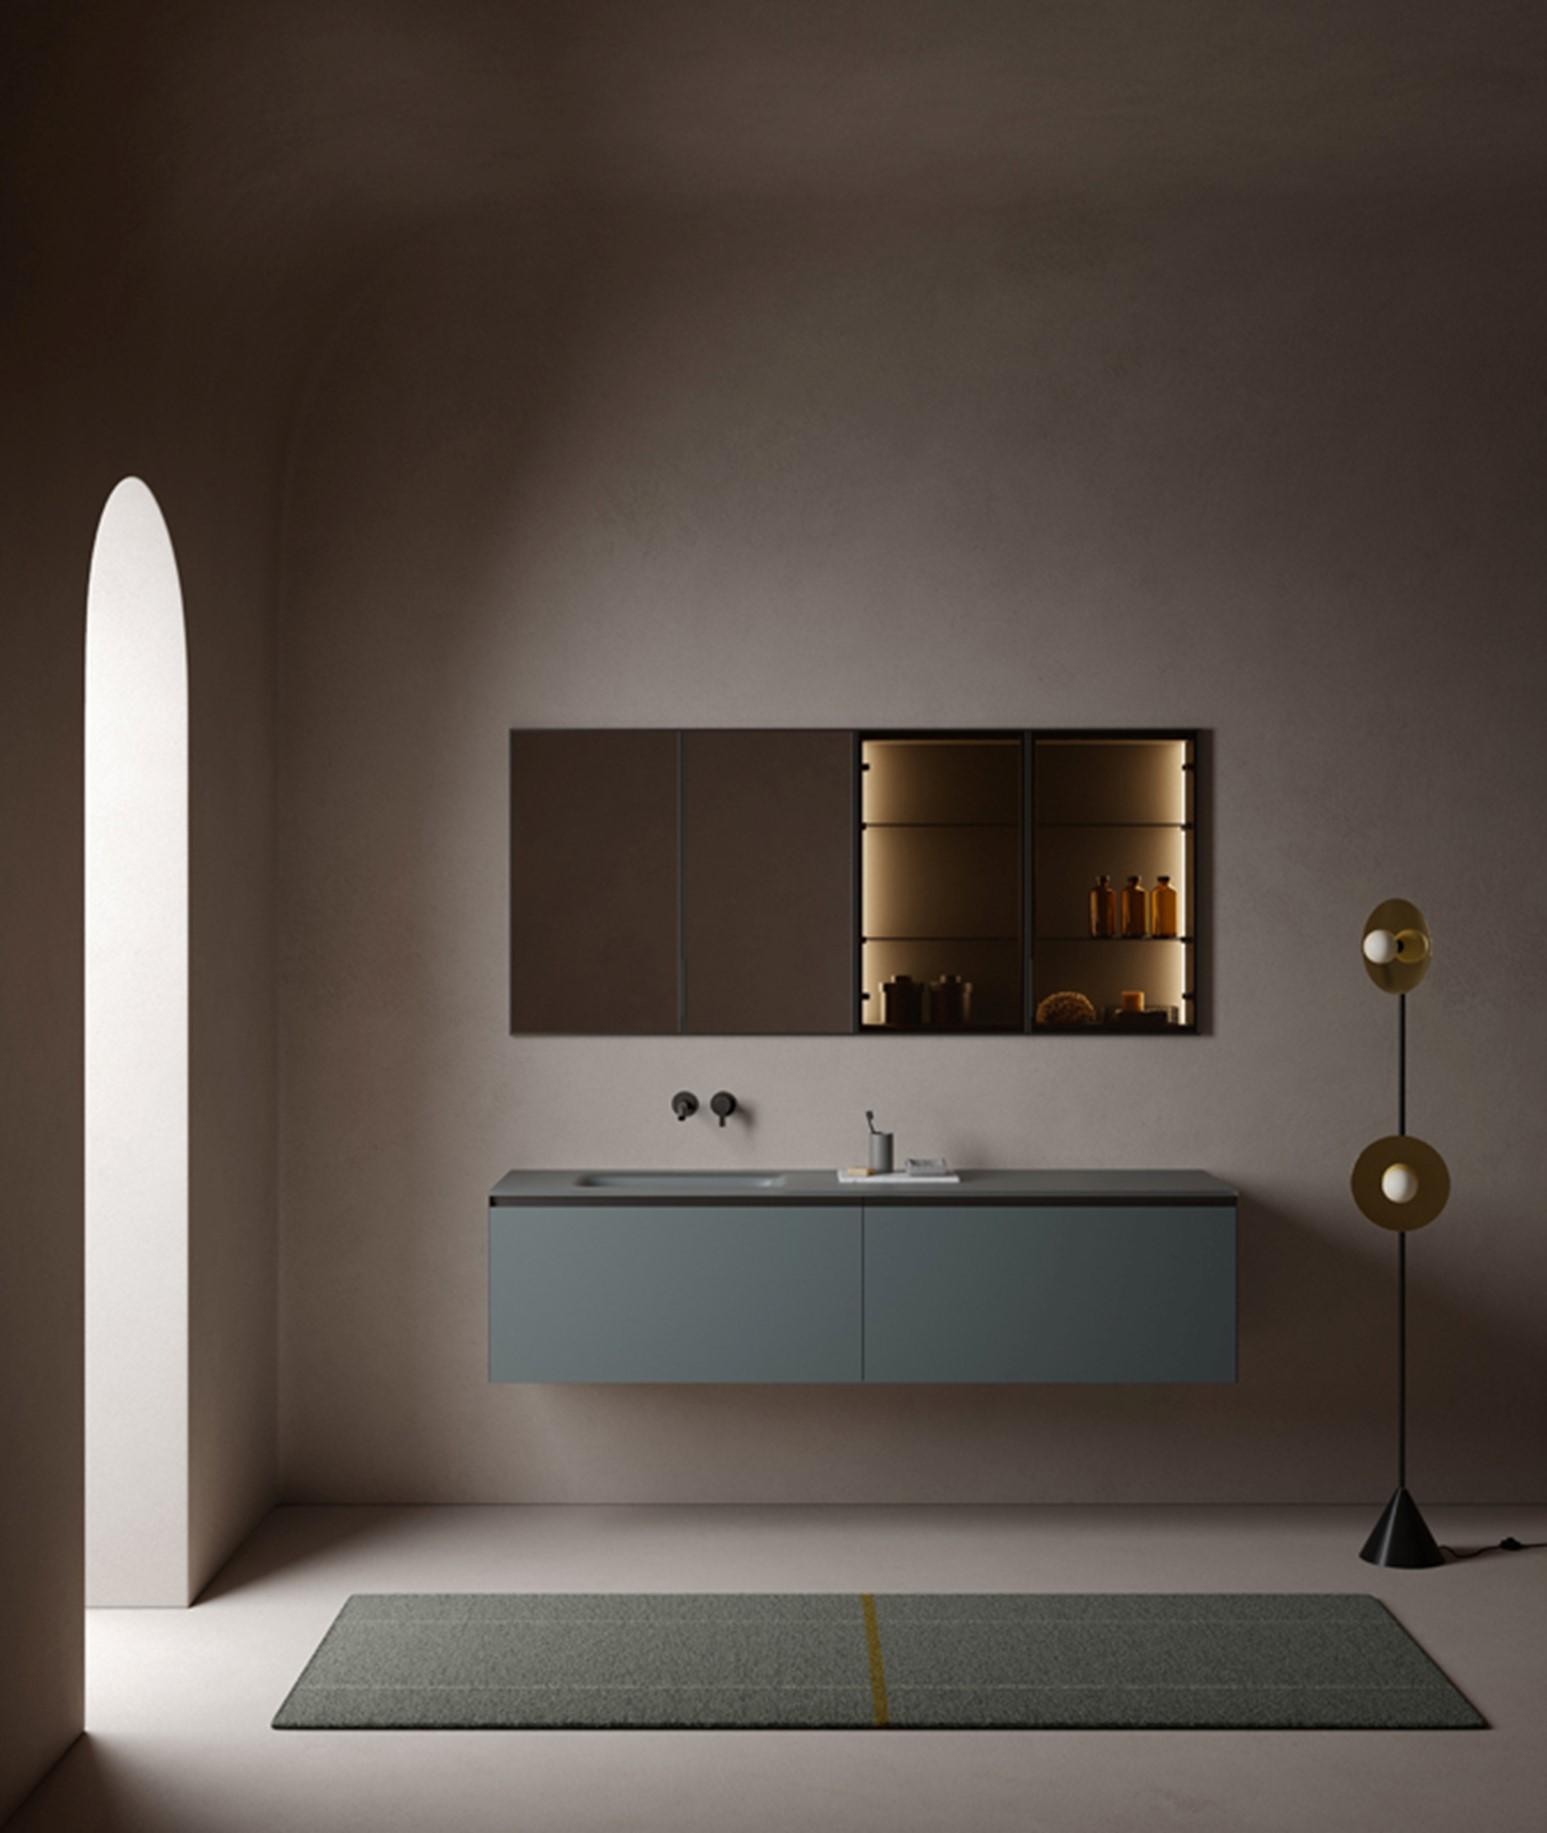 Floating Bathroom Vanity Height